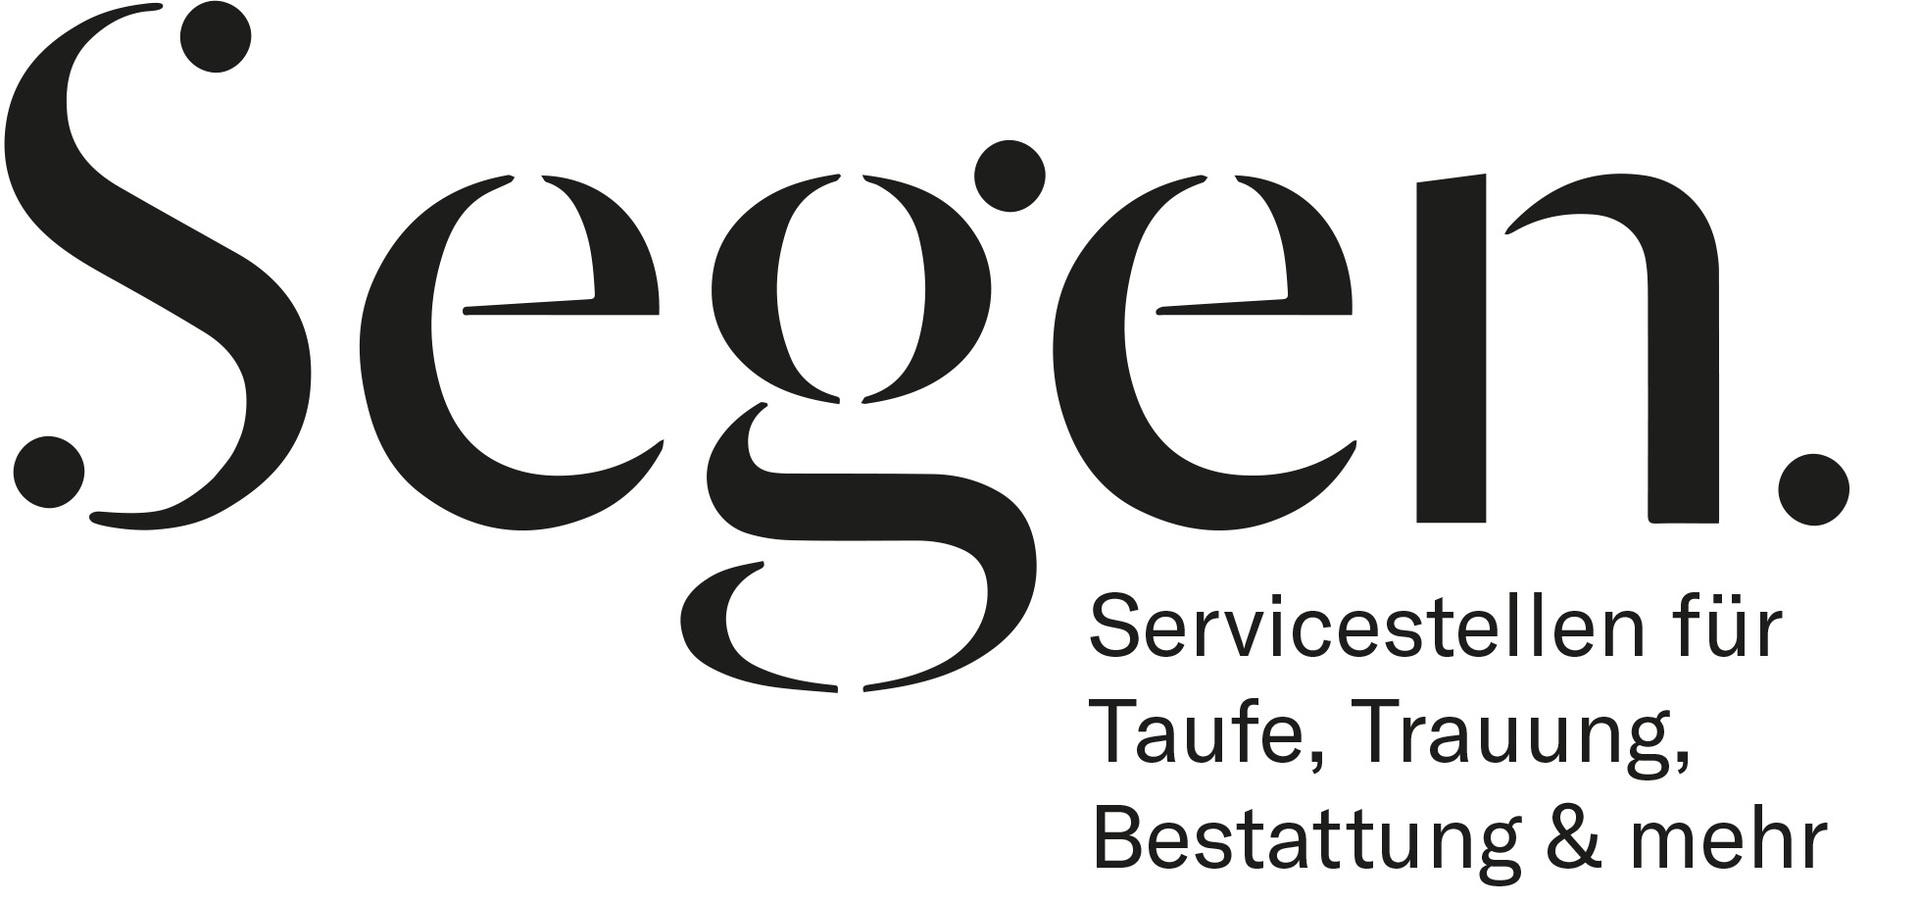 Logo Servicestelle Segen